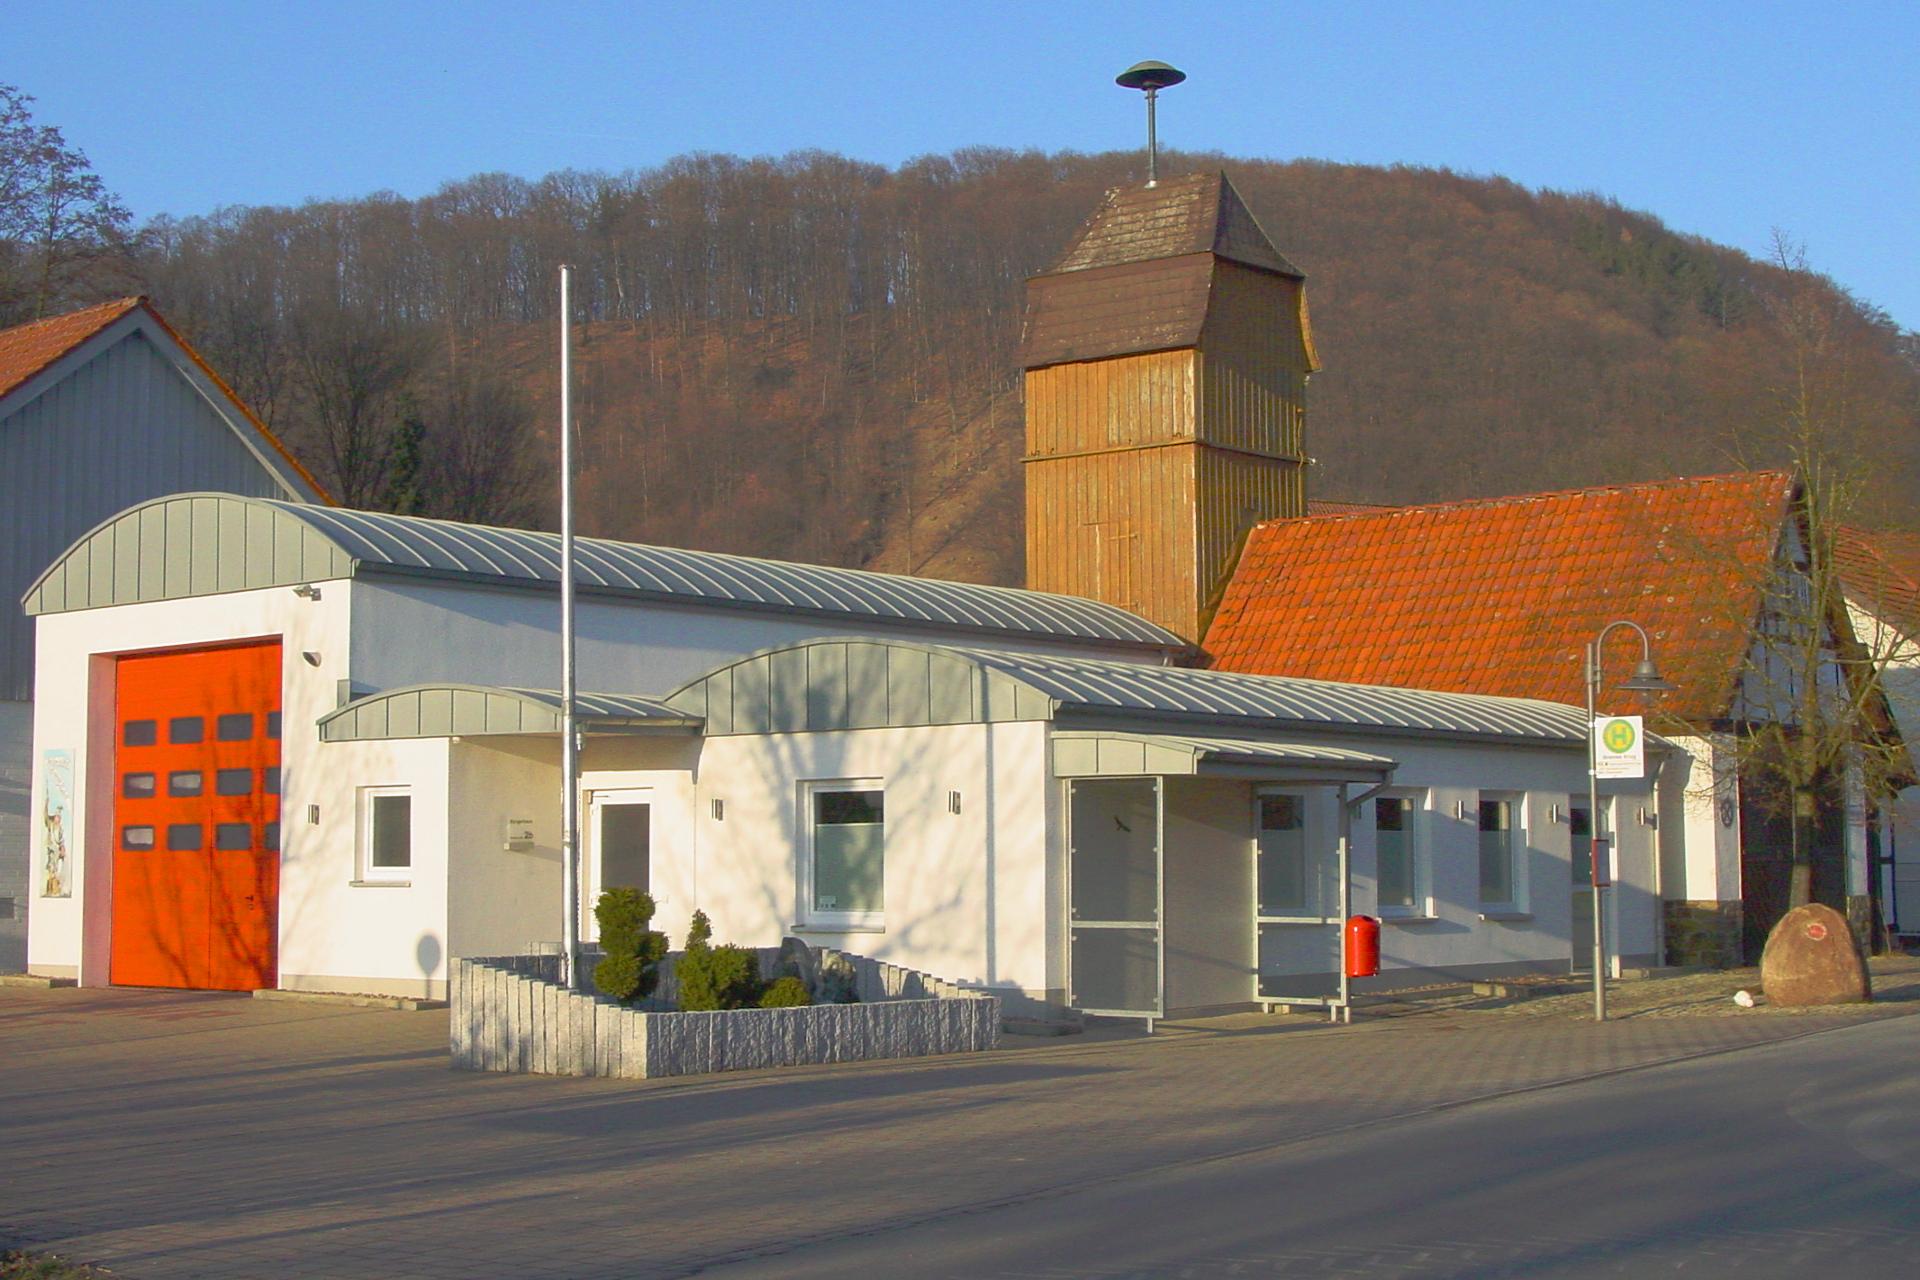 Bürgerhaus Bremke